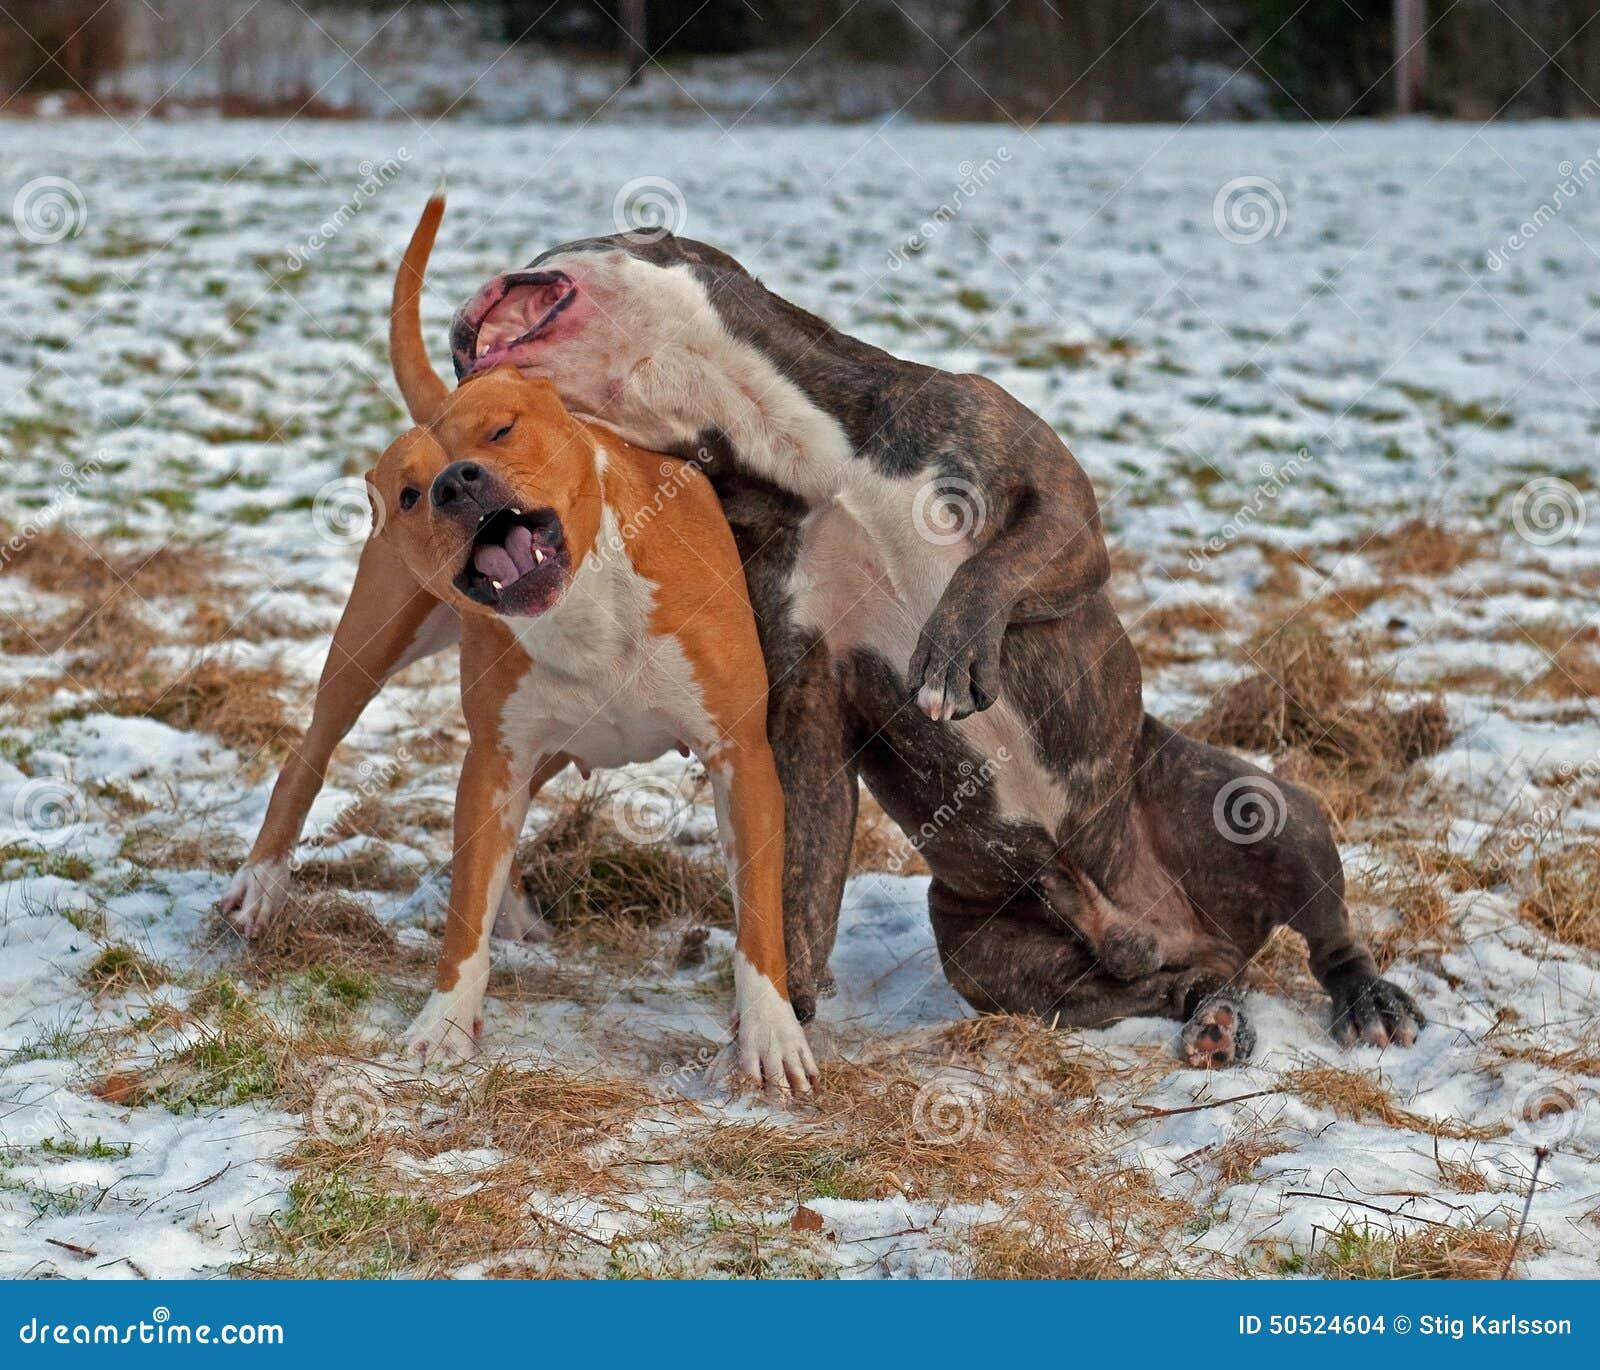 Pitbull Play Fighting With Olde English Bulldog Stock